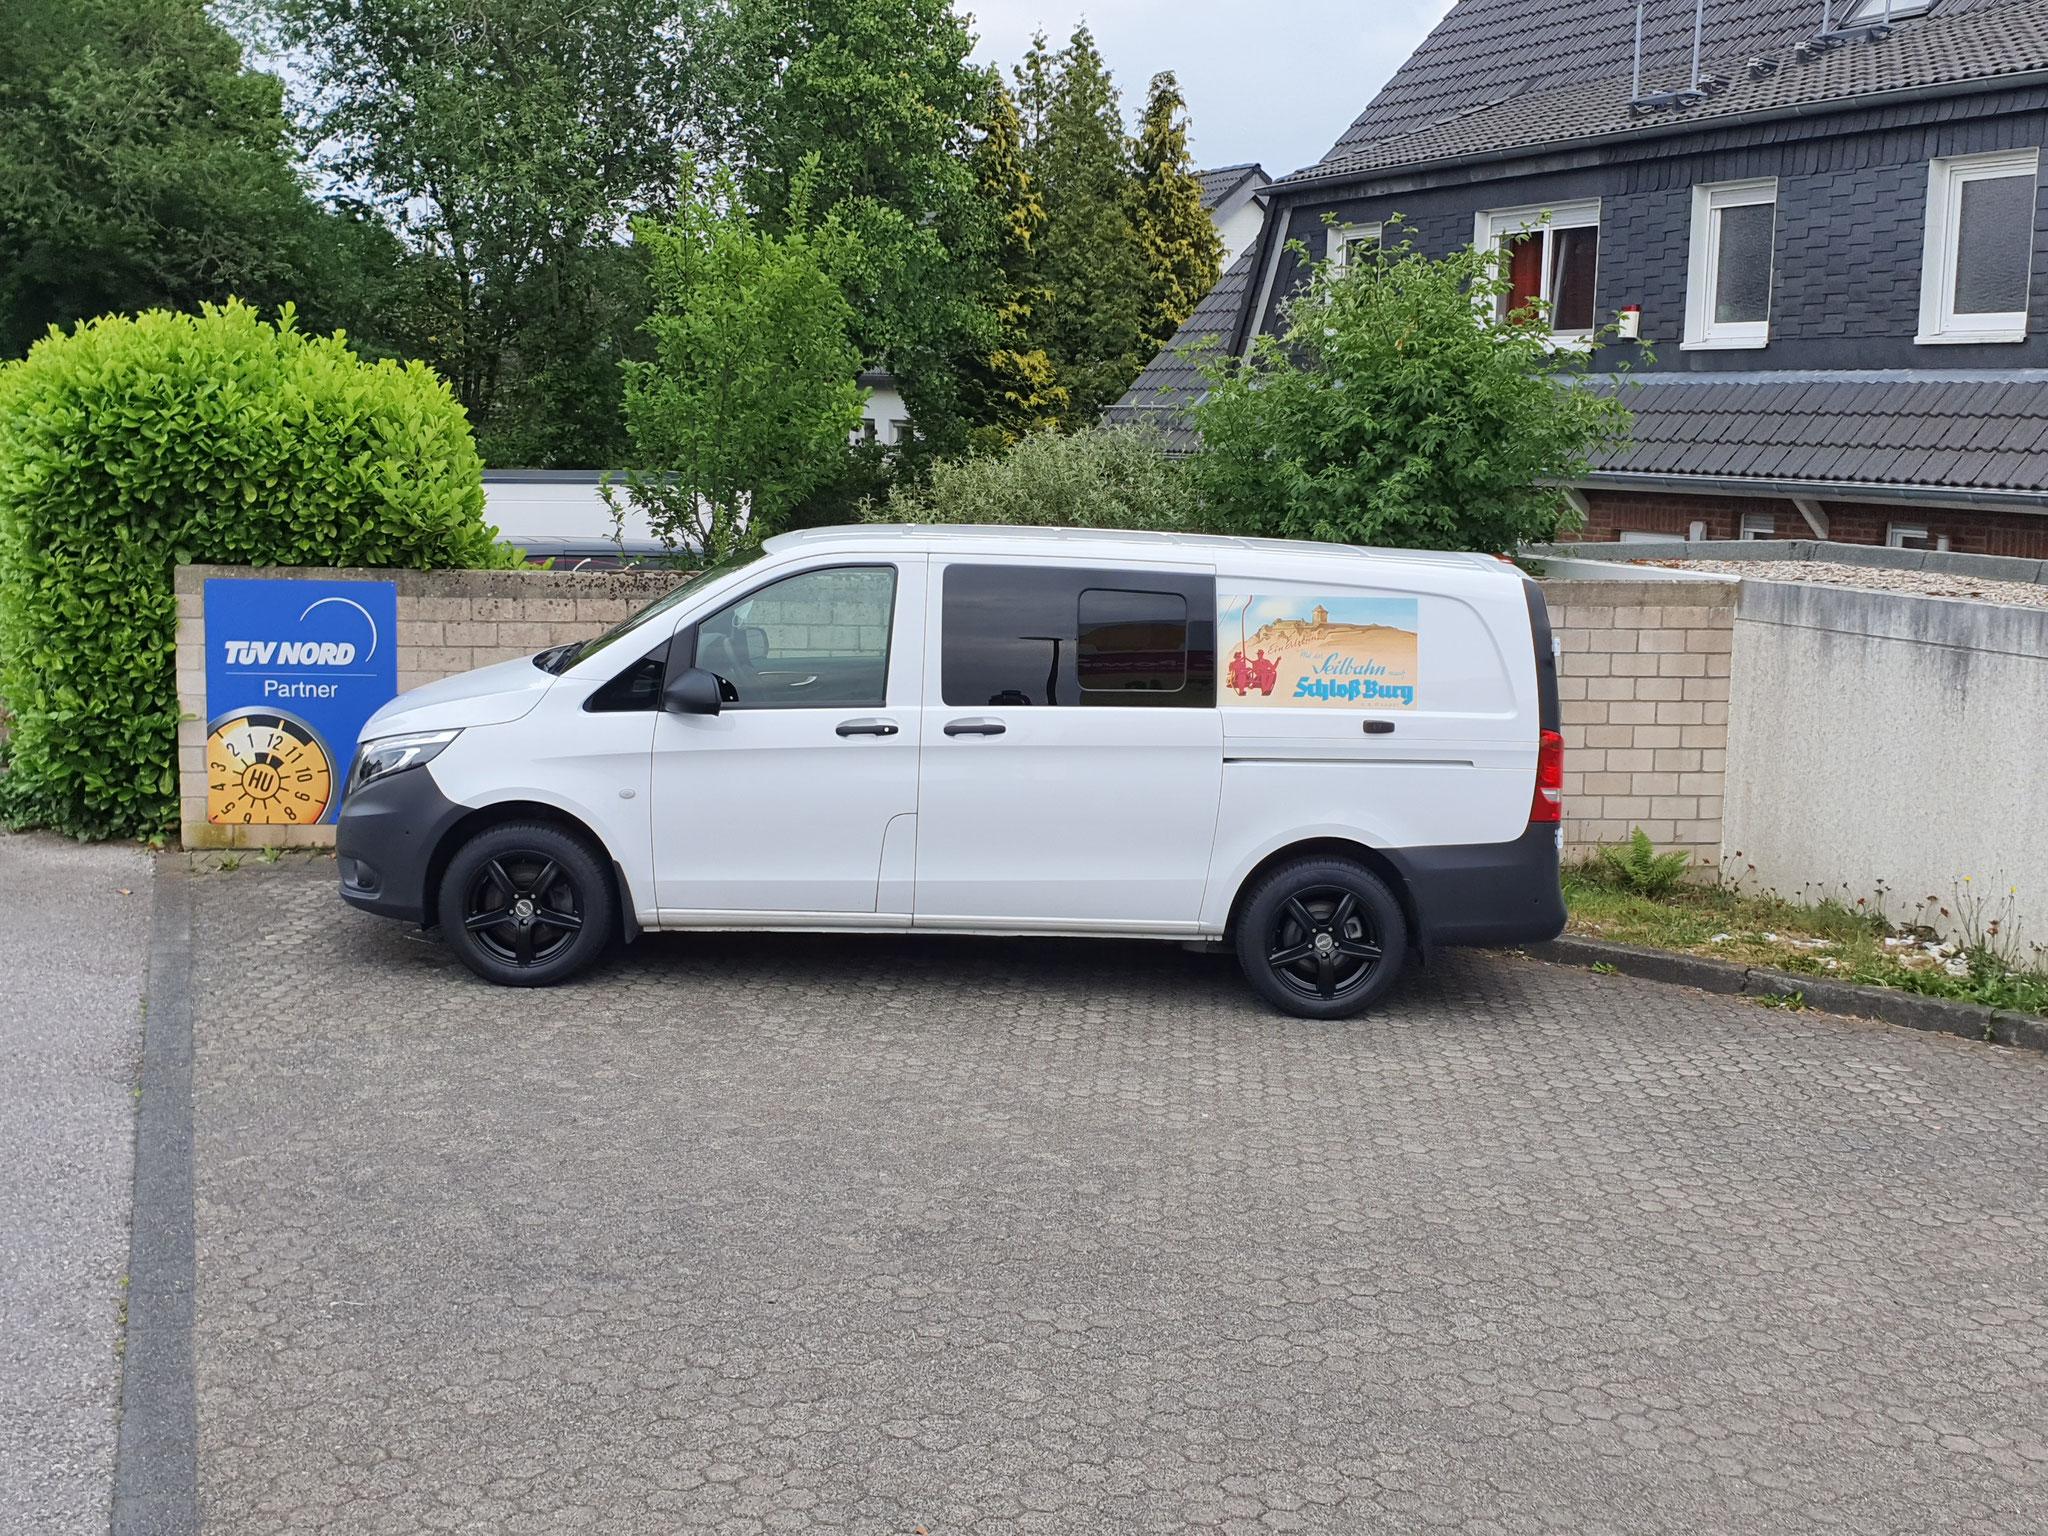 Neue Rad-Reifen-Kombination für den Vito der Firma Seilbahn Burg/Solingen